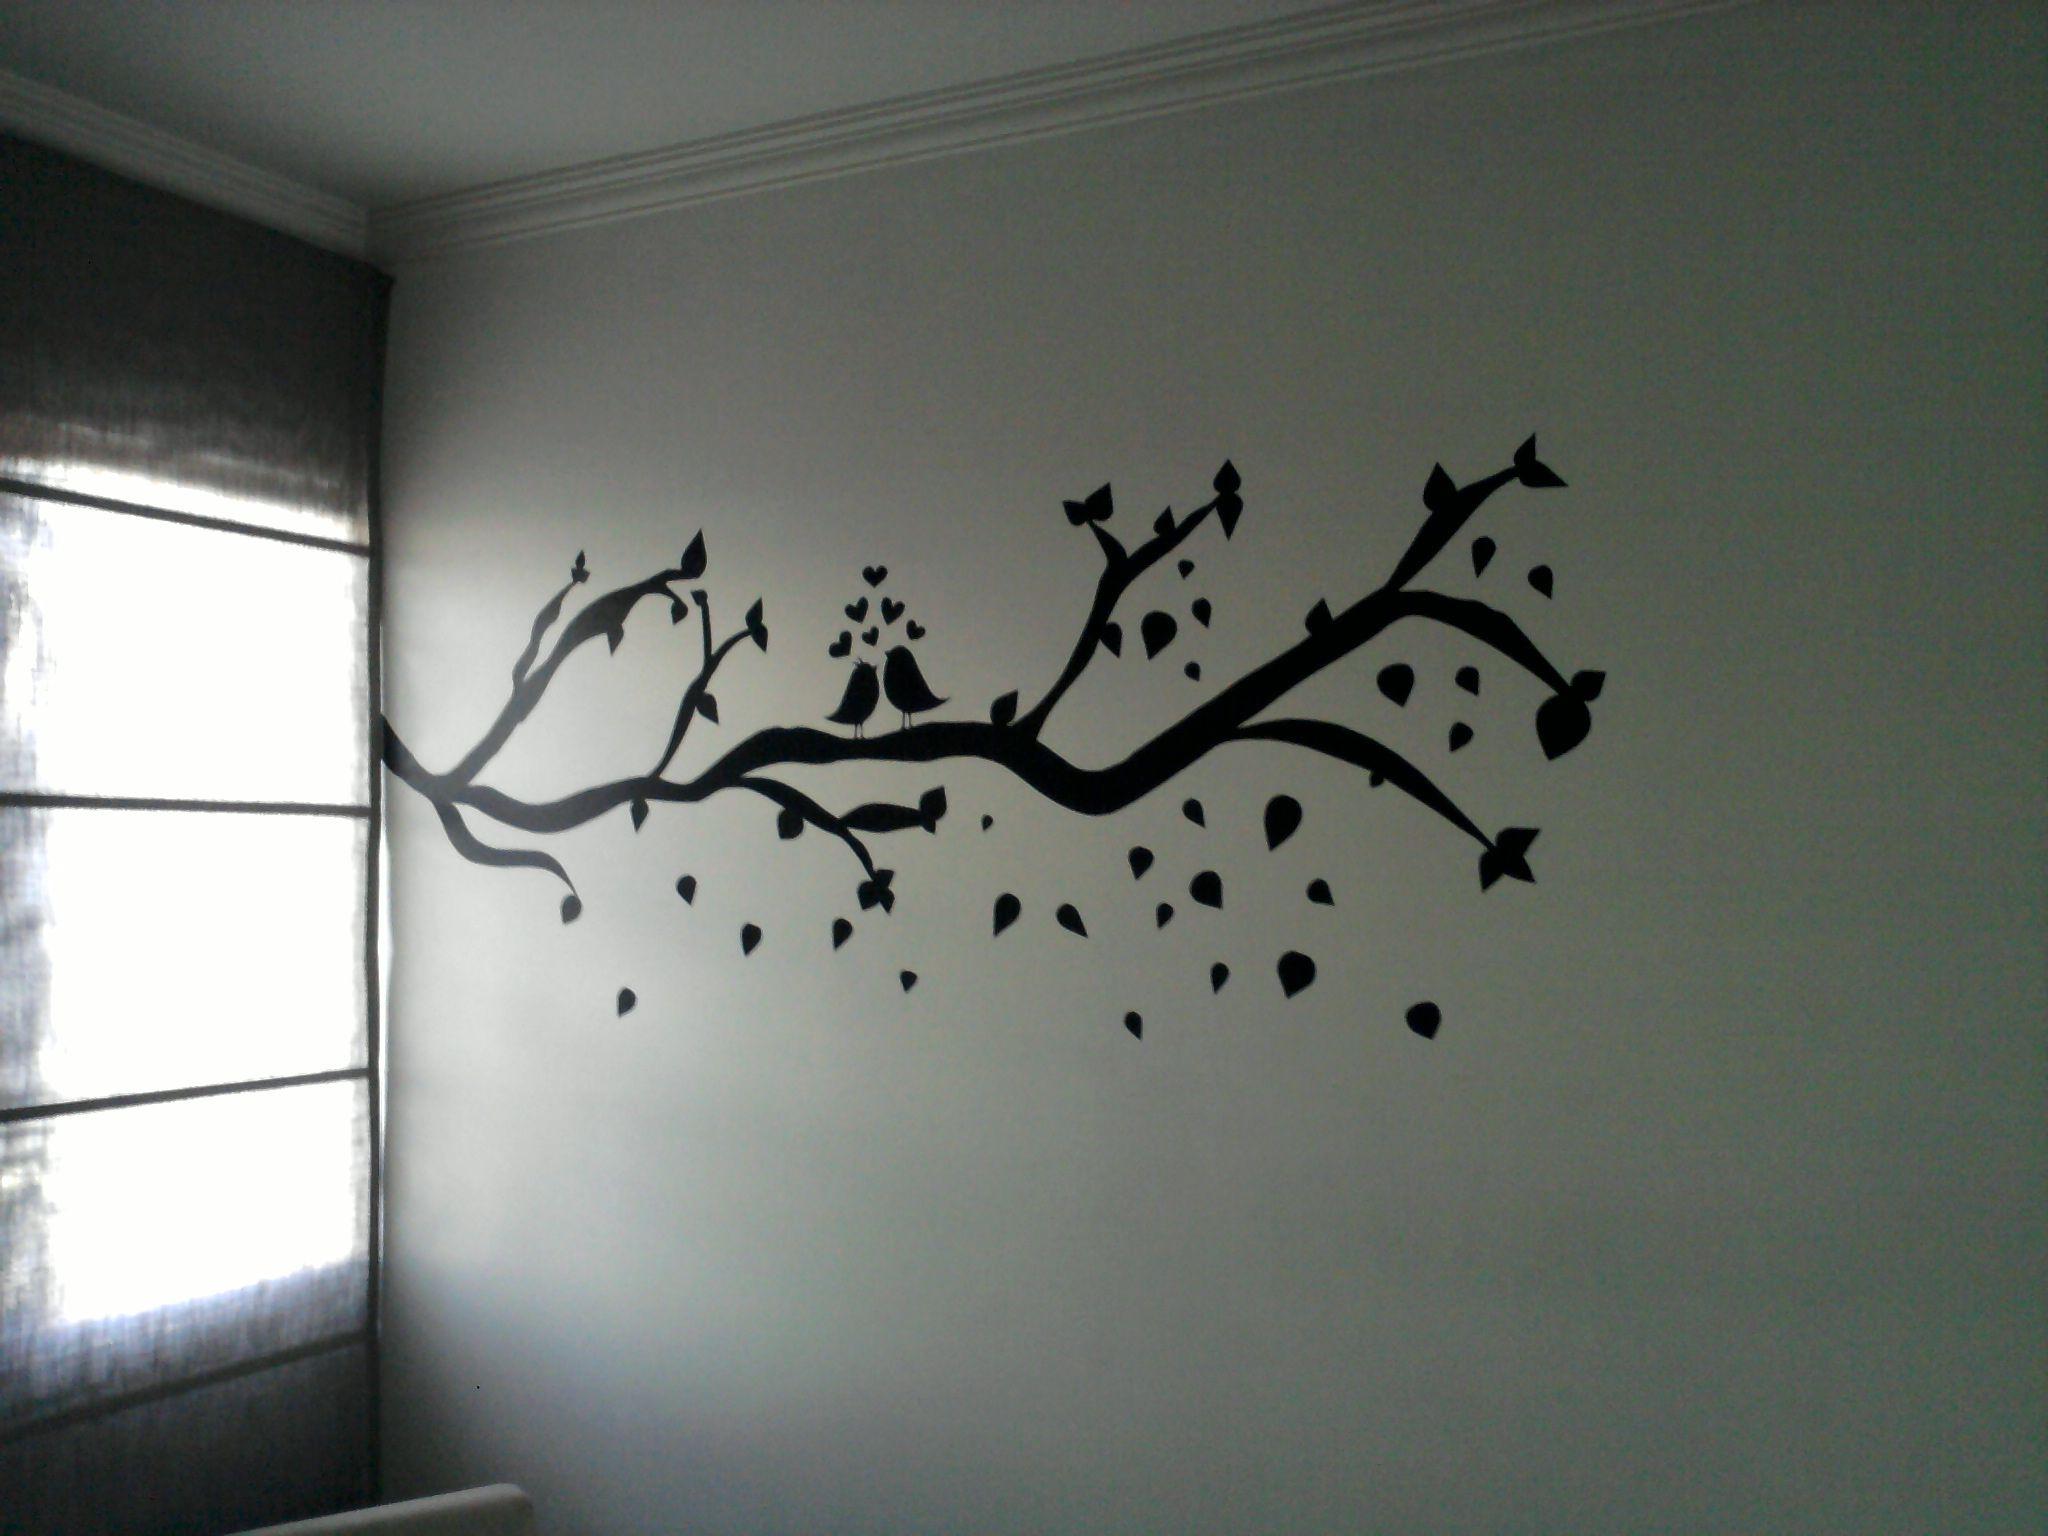 Adesivo para parede, desenhada em papel contact. Ótima decoração para quem quer gastar pouco